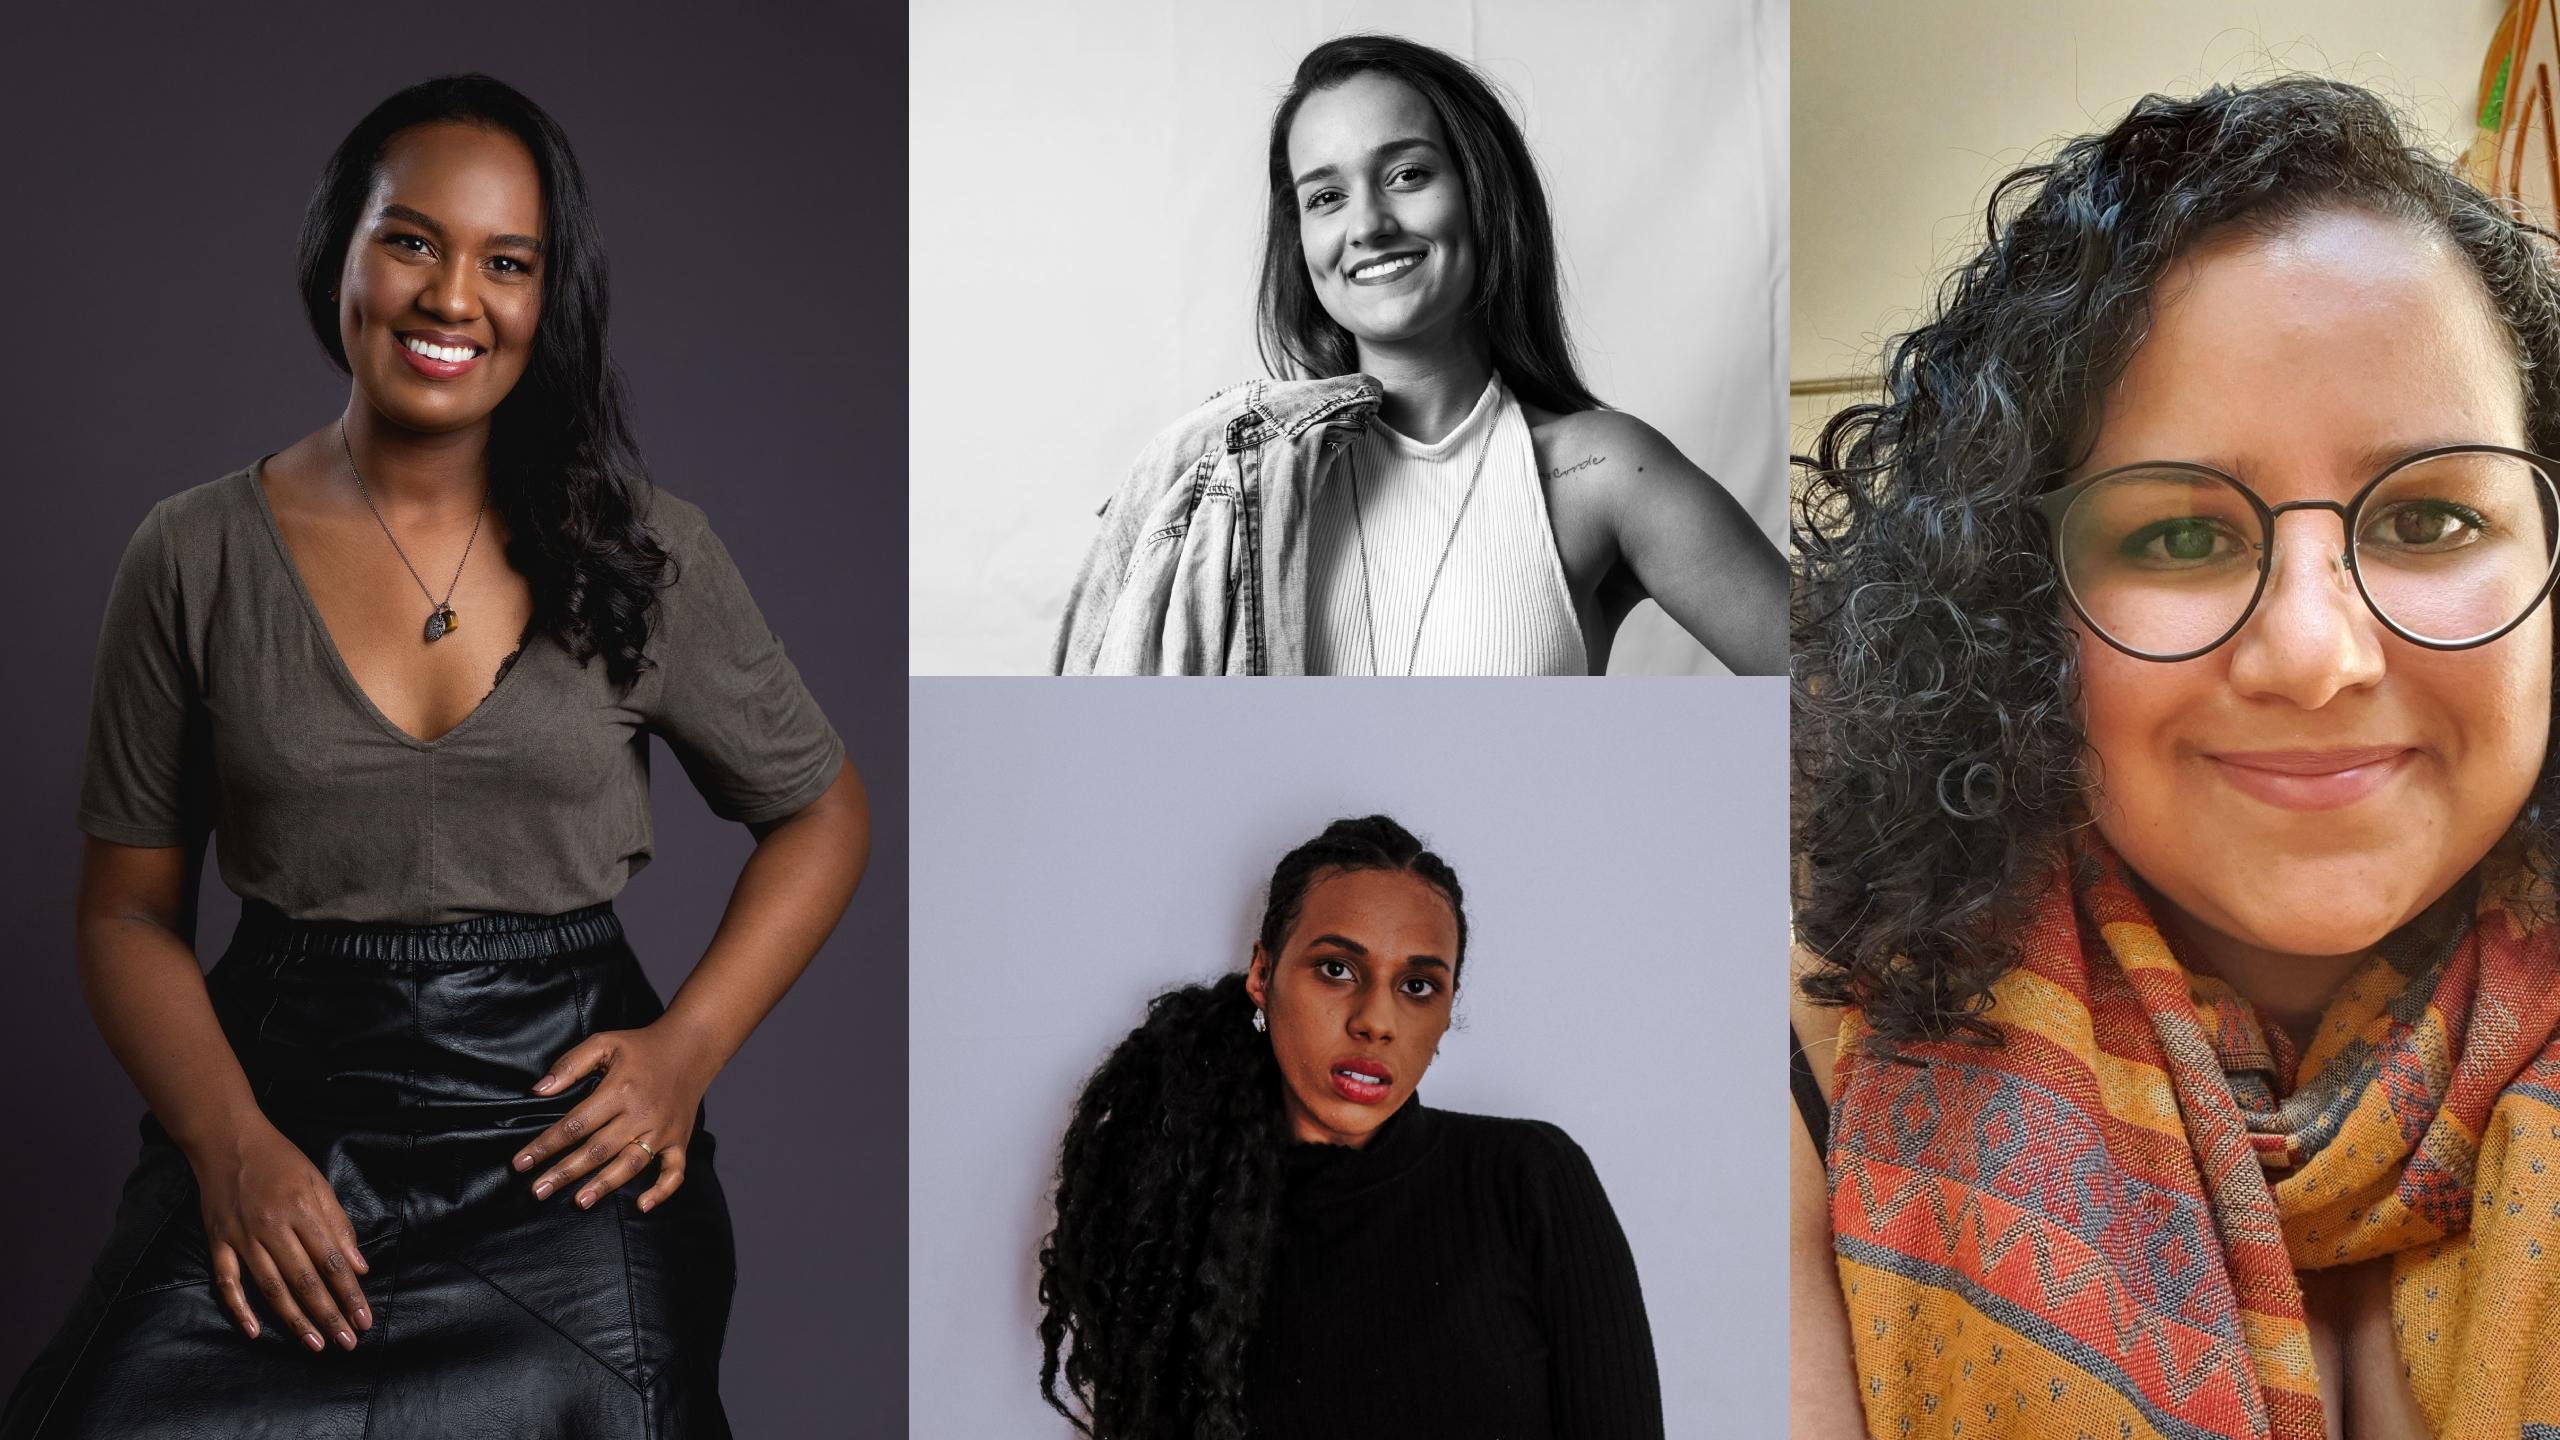 Na imagem, temos uma montagem com fotos das participantes do primeiro grupo de mentoria: Cíntia Pessoa, Beatriz Lopes, Fernanda Araújo e Thamires Oliveira.